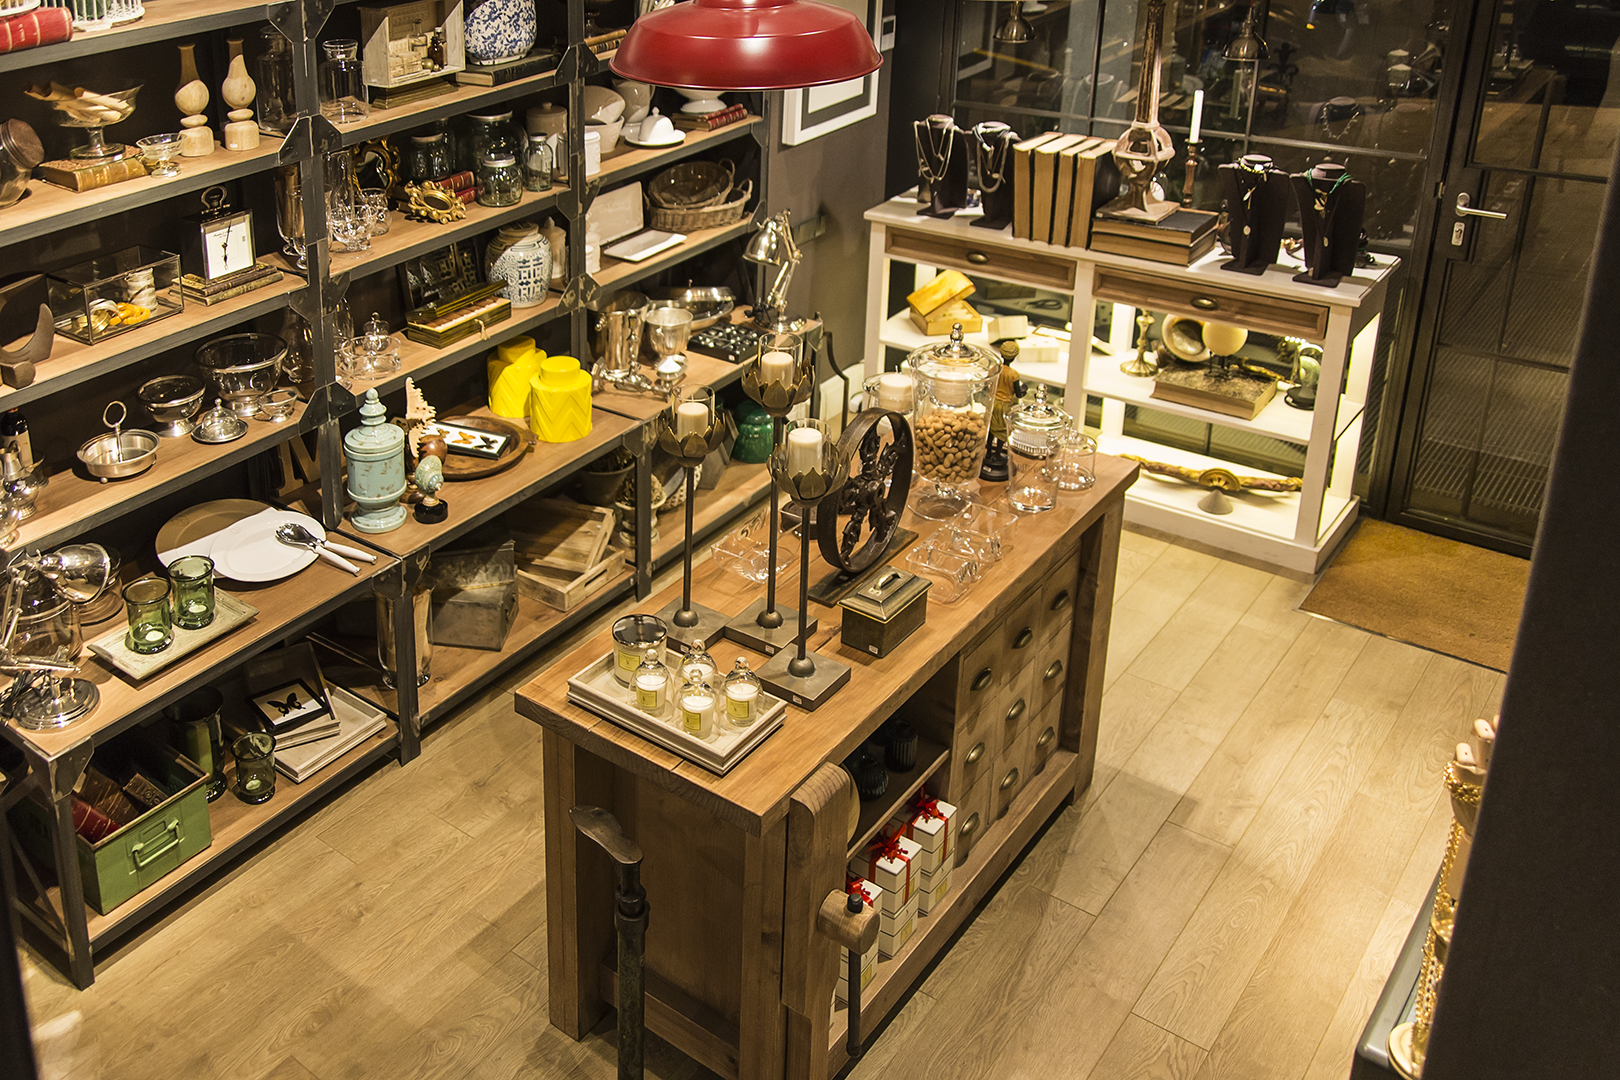 Marengo barcelona muebles vintage y decoraci n del hogar for Muebles vintage barcelona